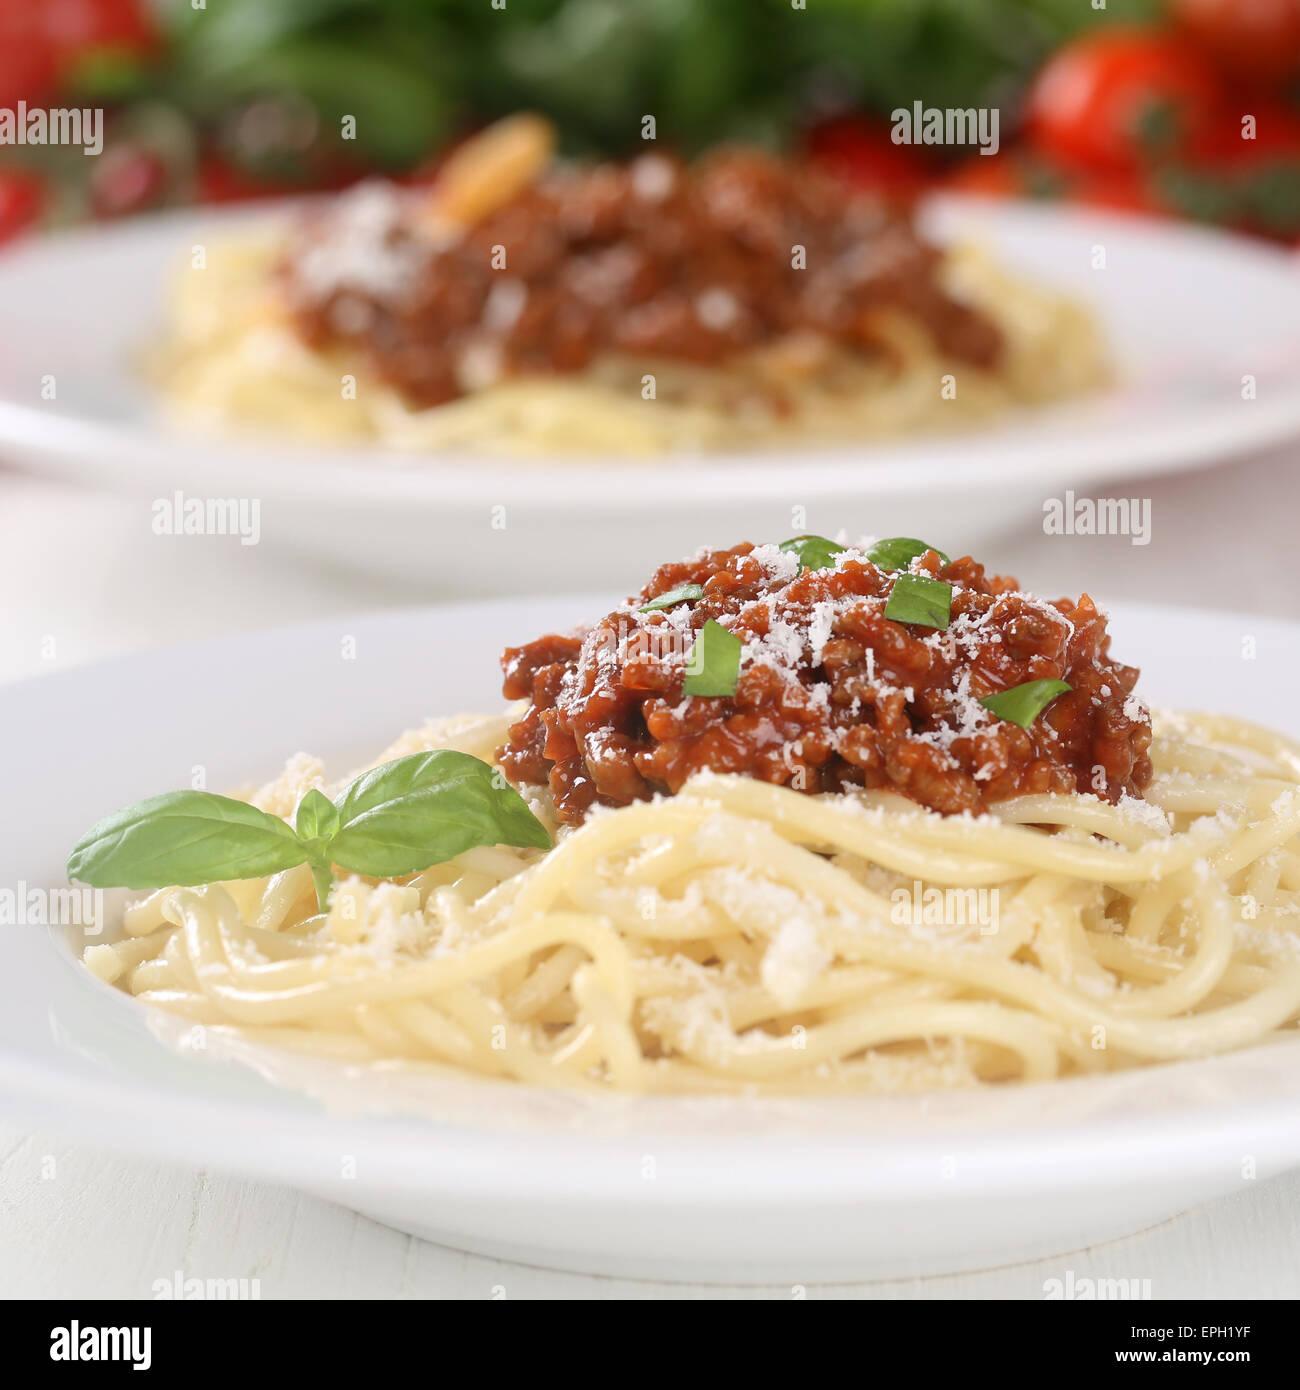 Spaghetti Nudeln Pasta Mit Bolognese-Sauce Stockfoto